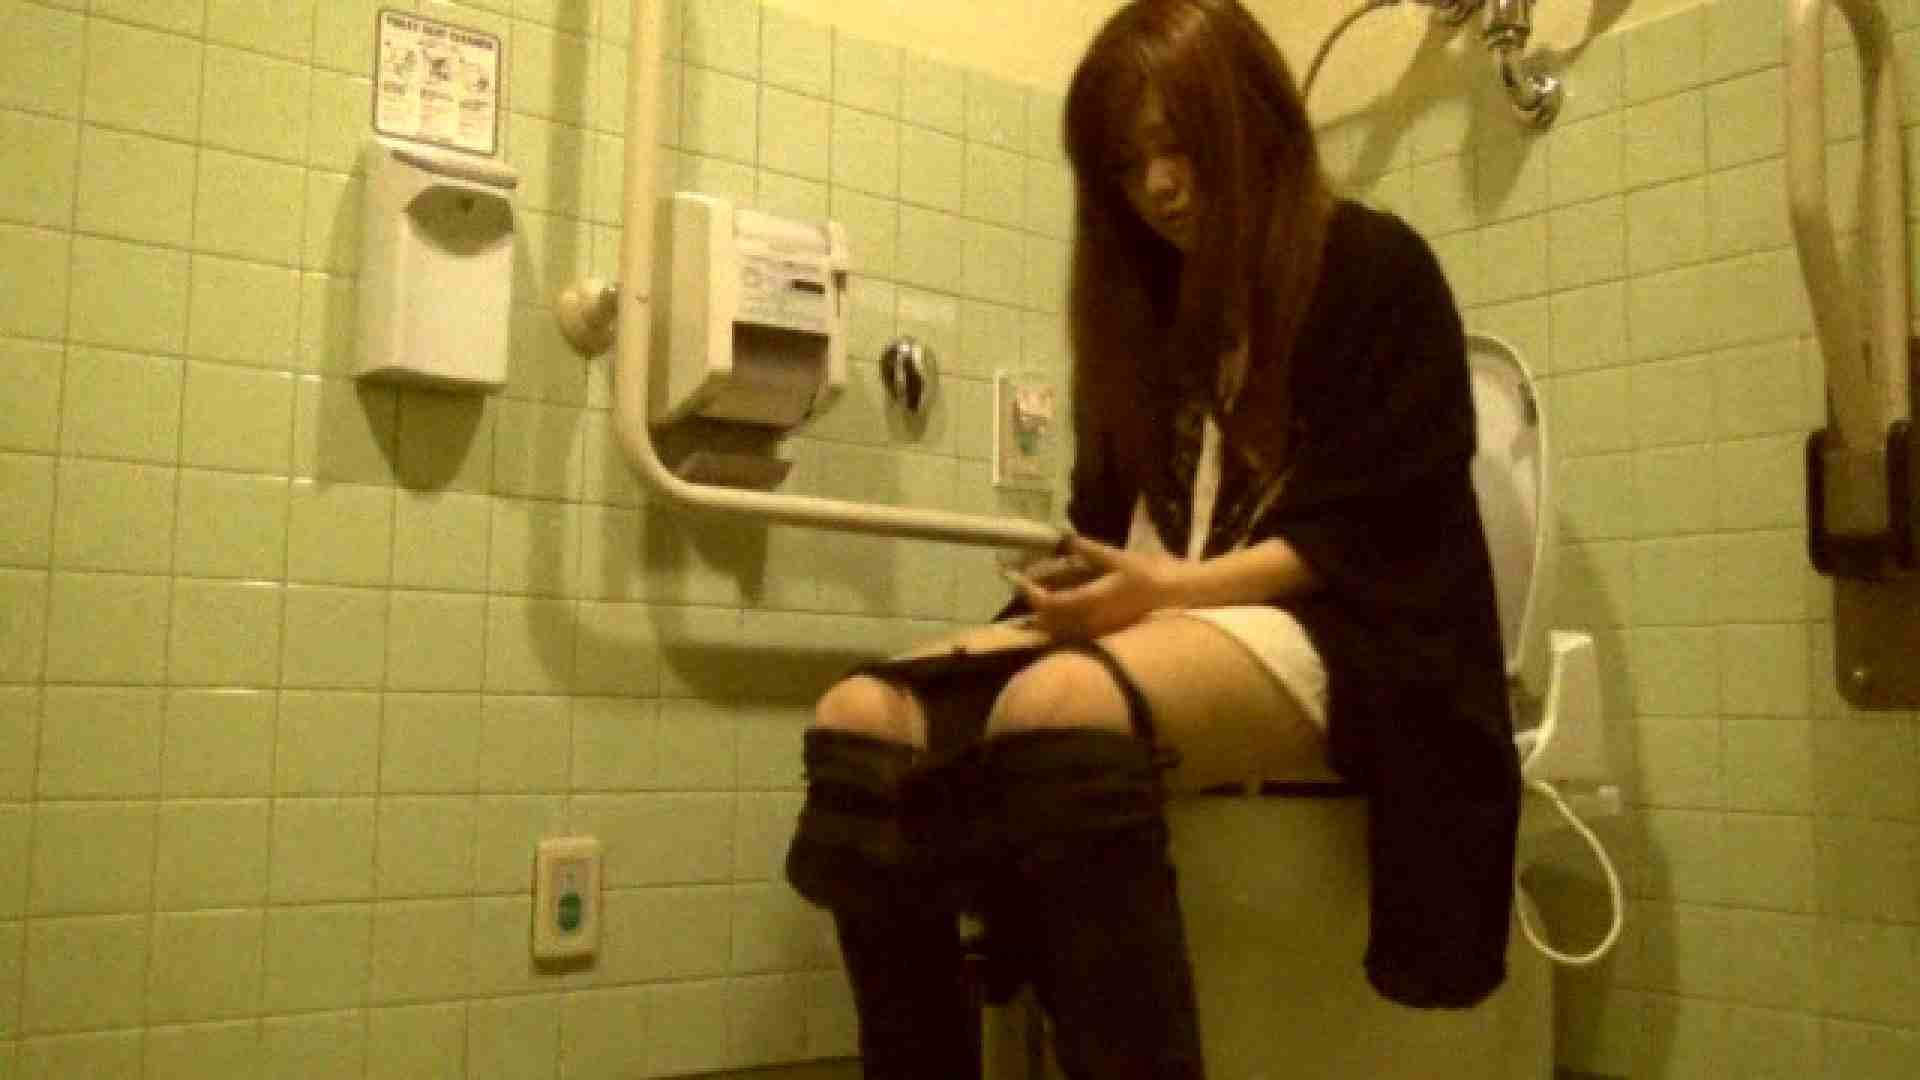 魔術師の お・も・て・な・し vol.26 19歳のバーの店員さんの洗面所をしばし… 洗面所 隠し撮りおまんこ動画流出 90pic 83